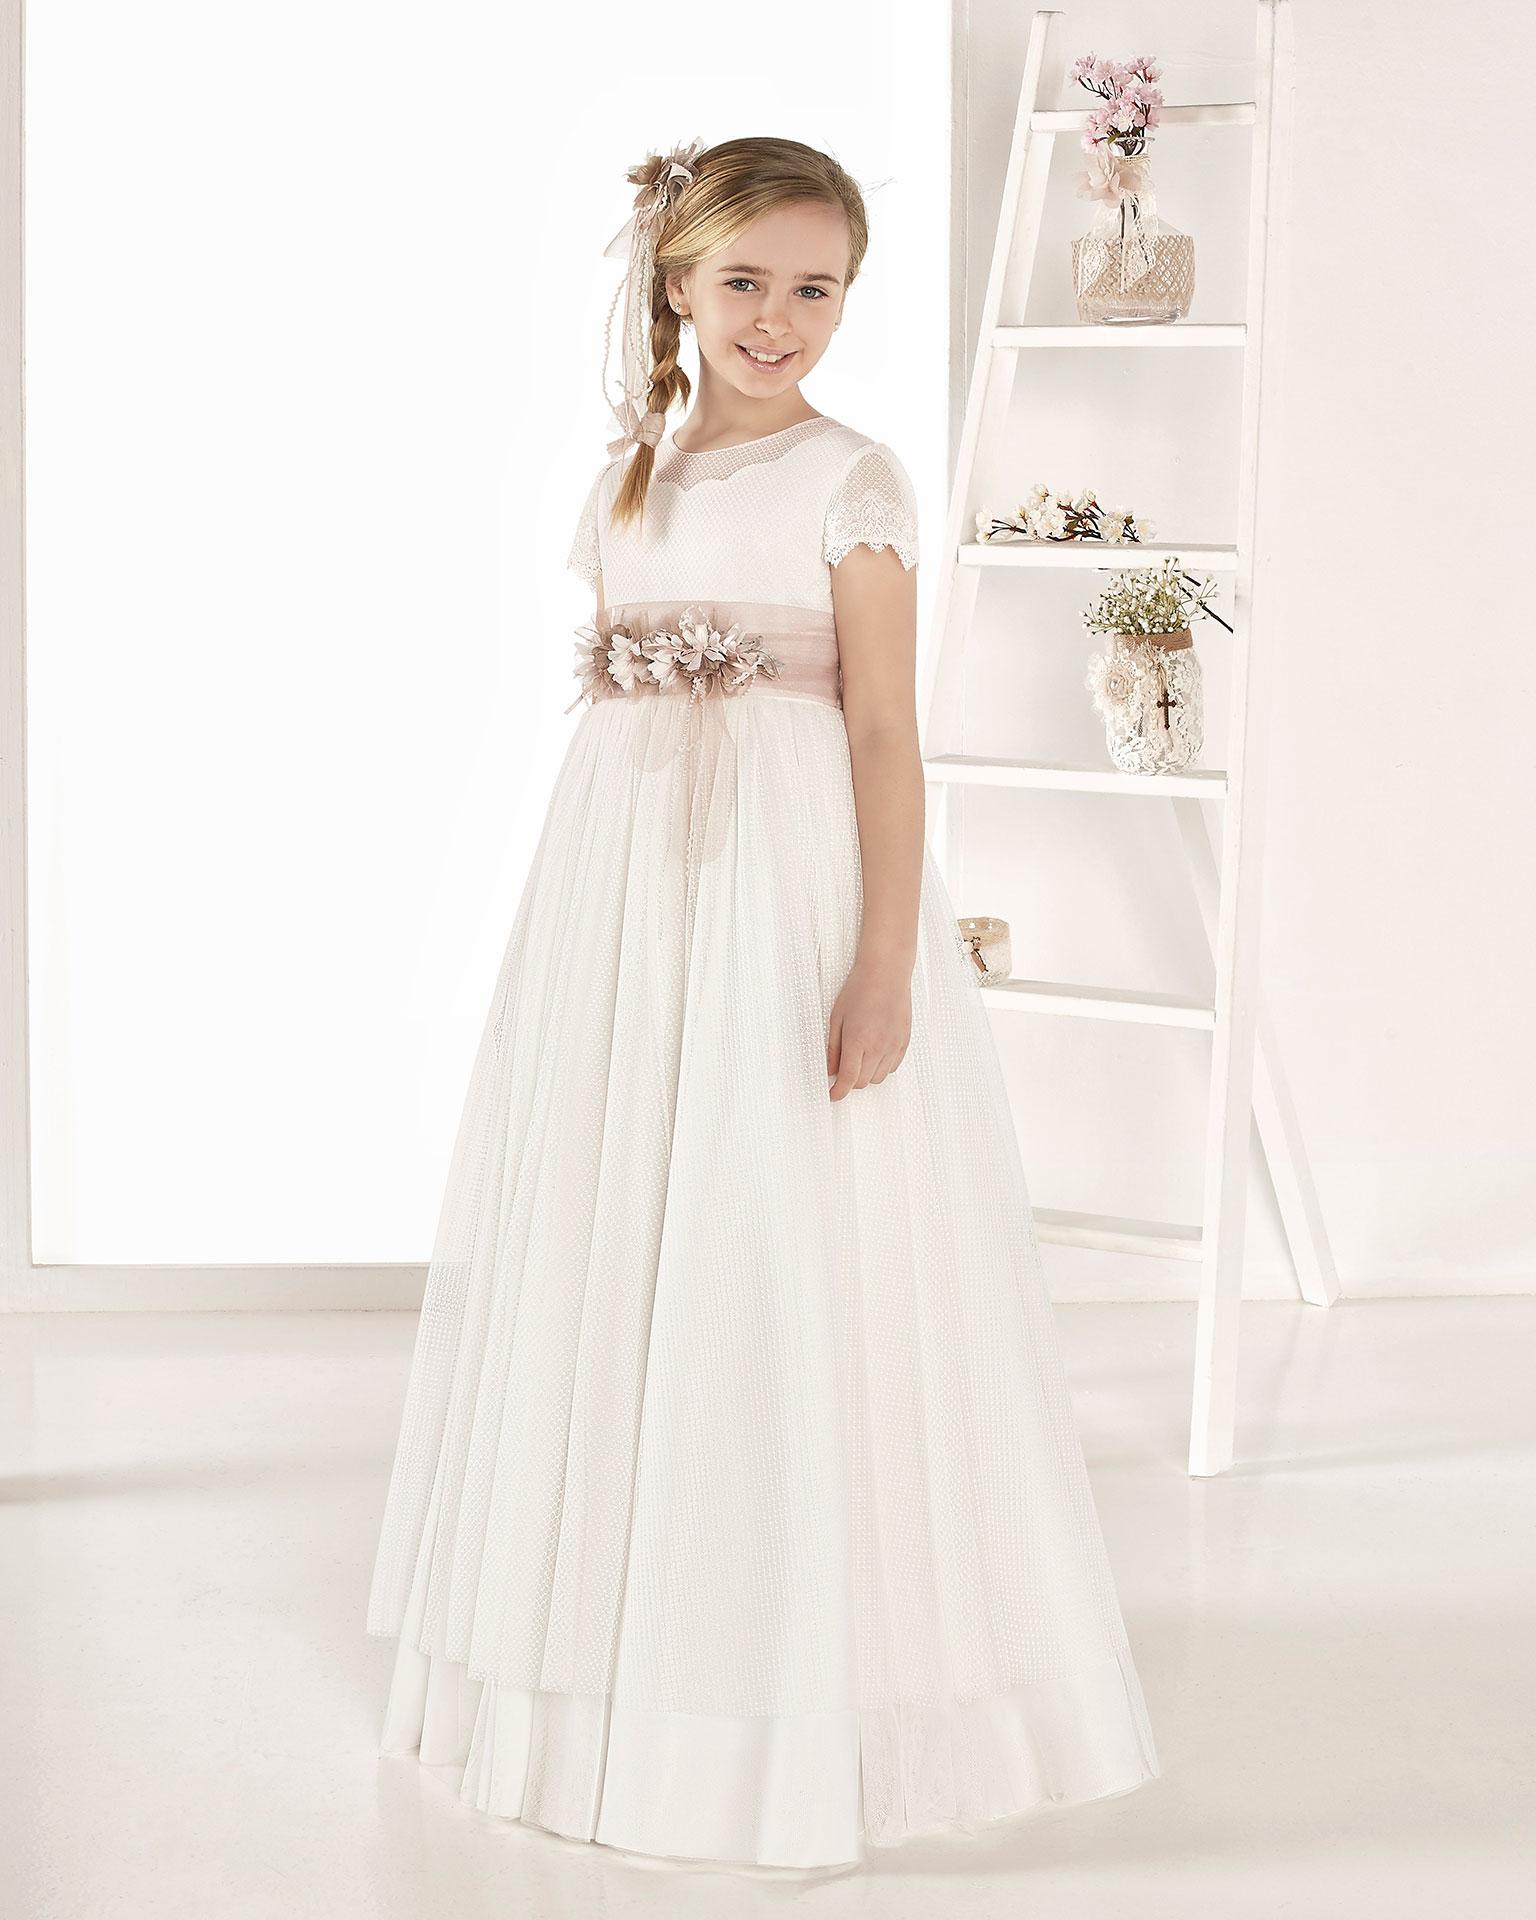 Robe de communion style romantique en tulle imprimé. Avec taille basse. Disponible en couleur naturelle. Collection AIRE COMUNION 2019.